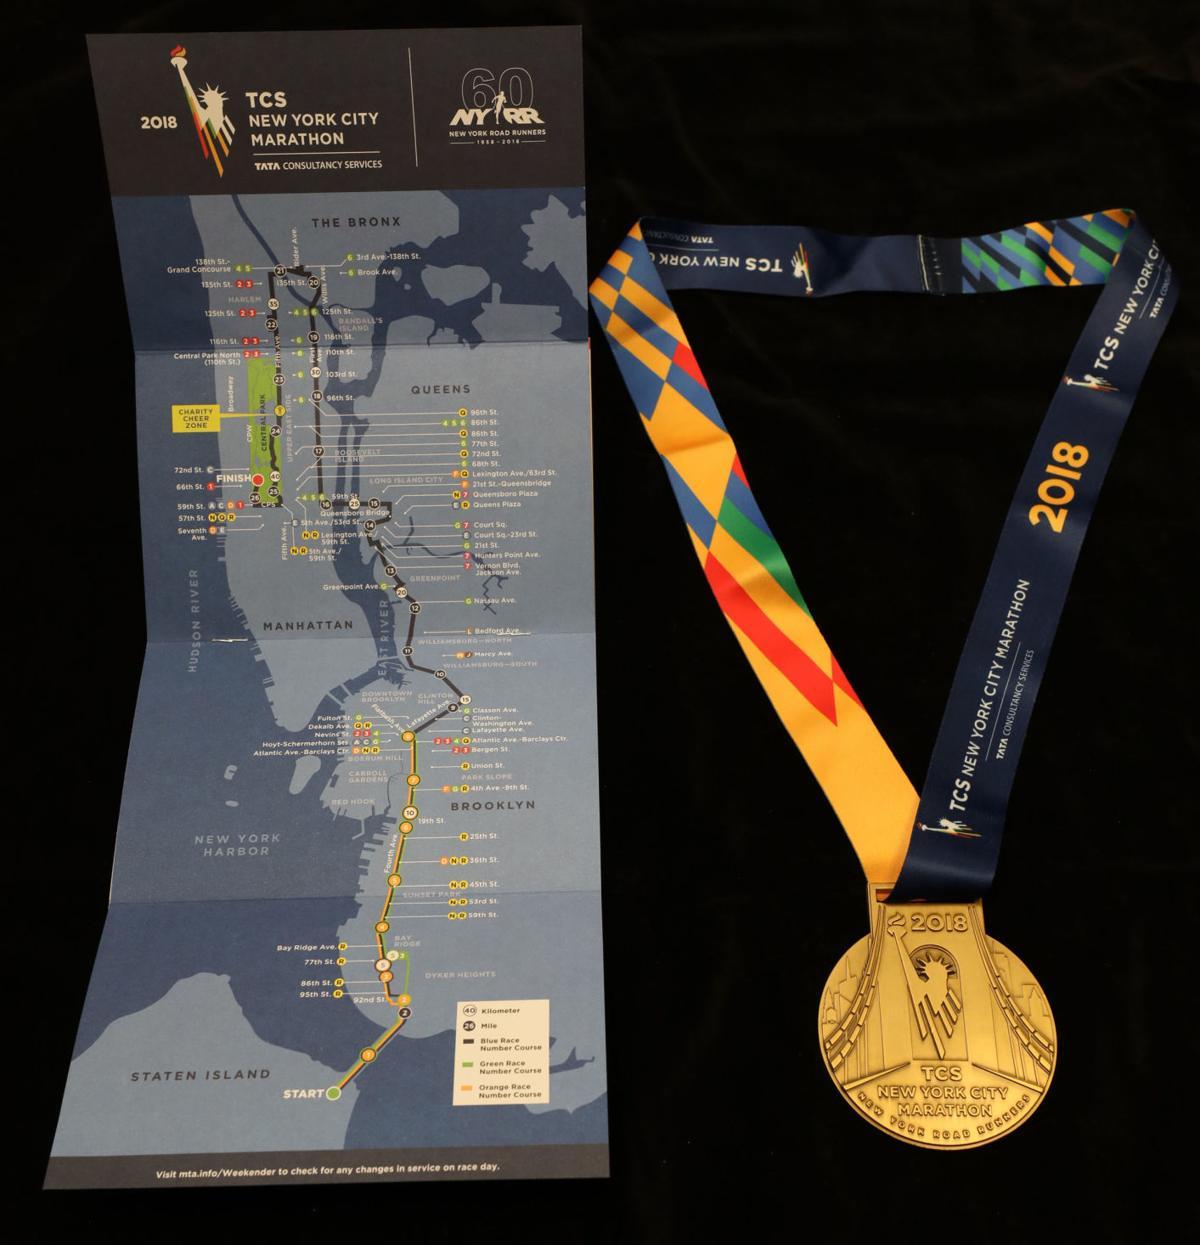 Bennett_Jeff map medal 11.21.18